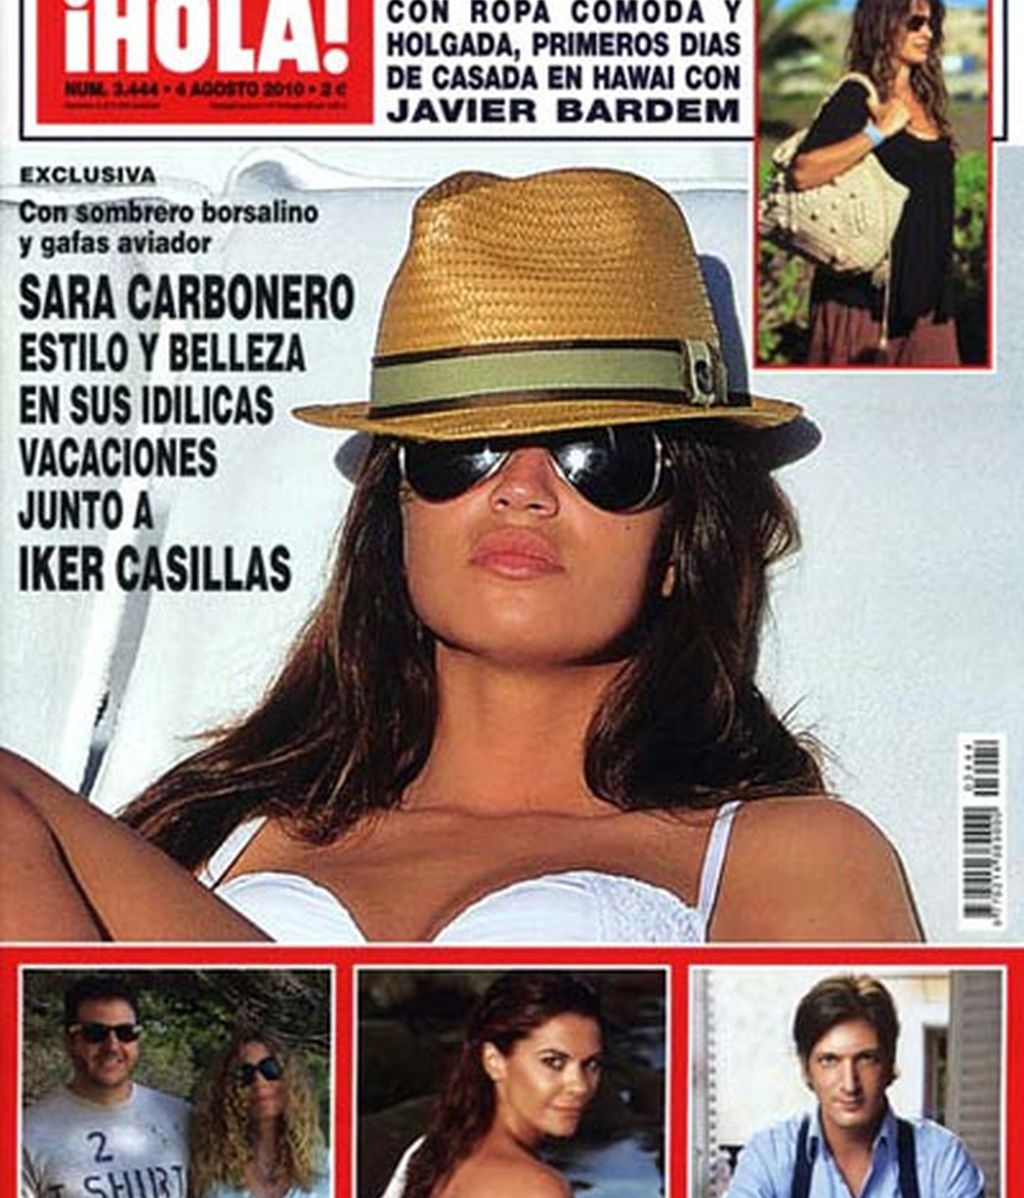 Sara Carbonero, espectacular en bikini